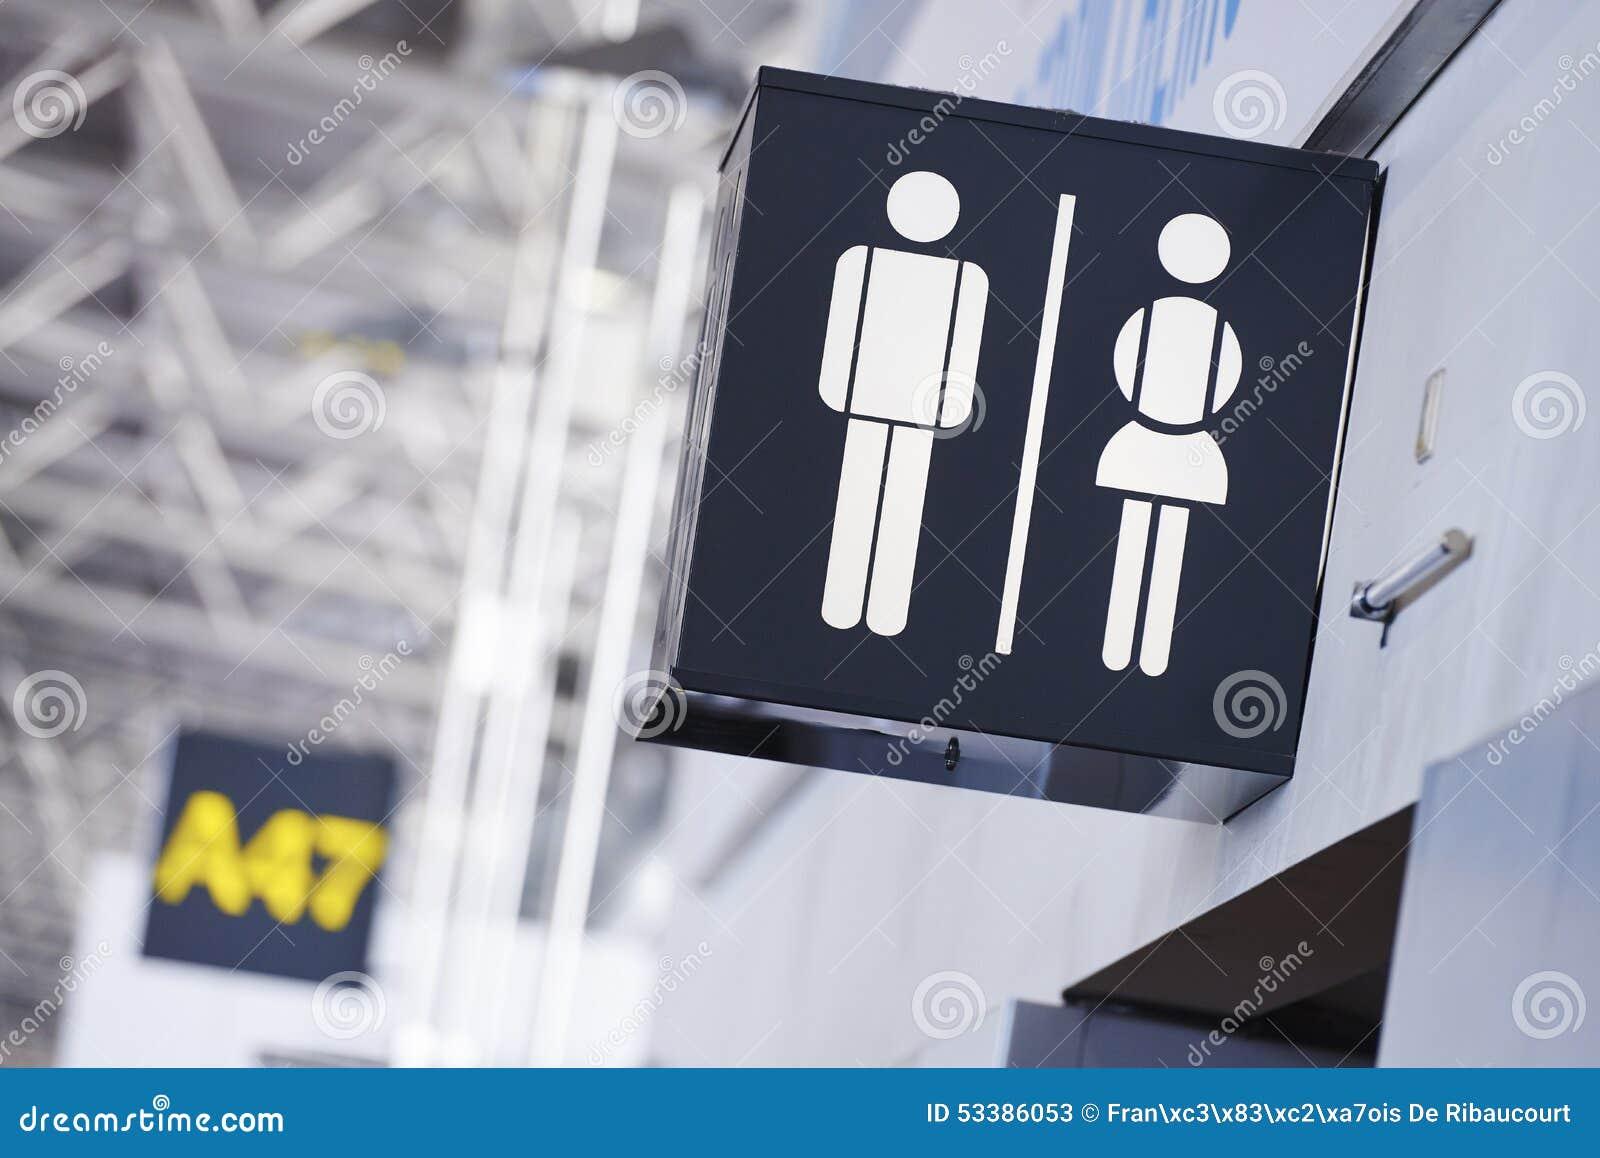 Łazienka podpisuje wewnątrz lotnisko